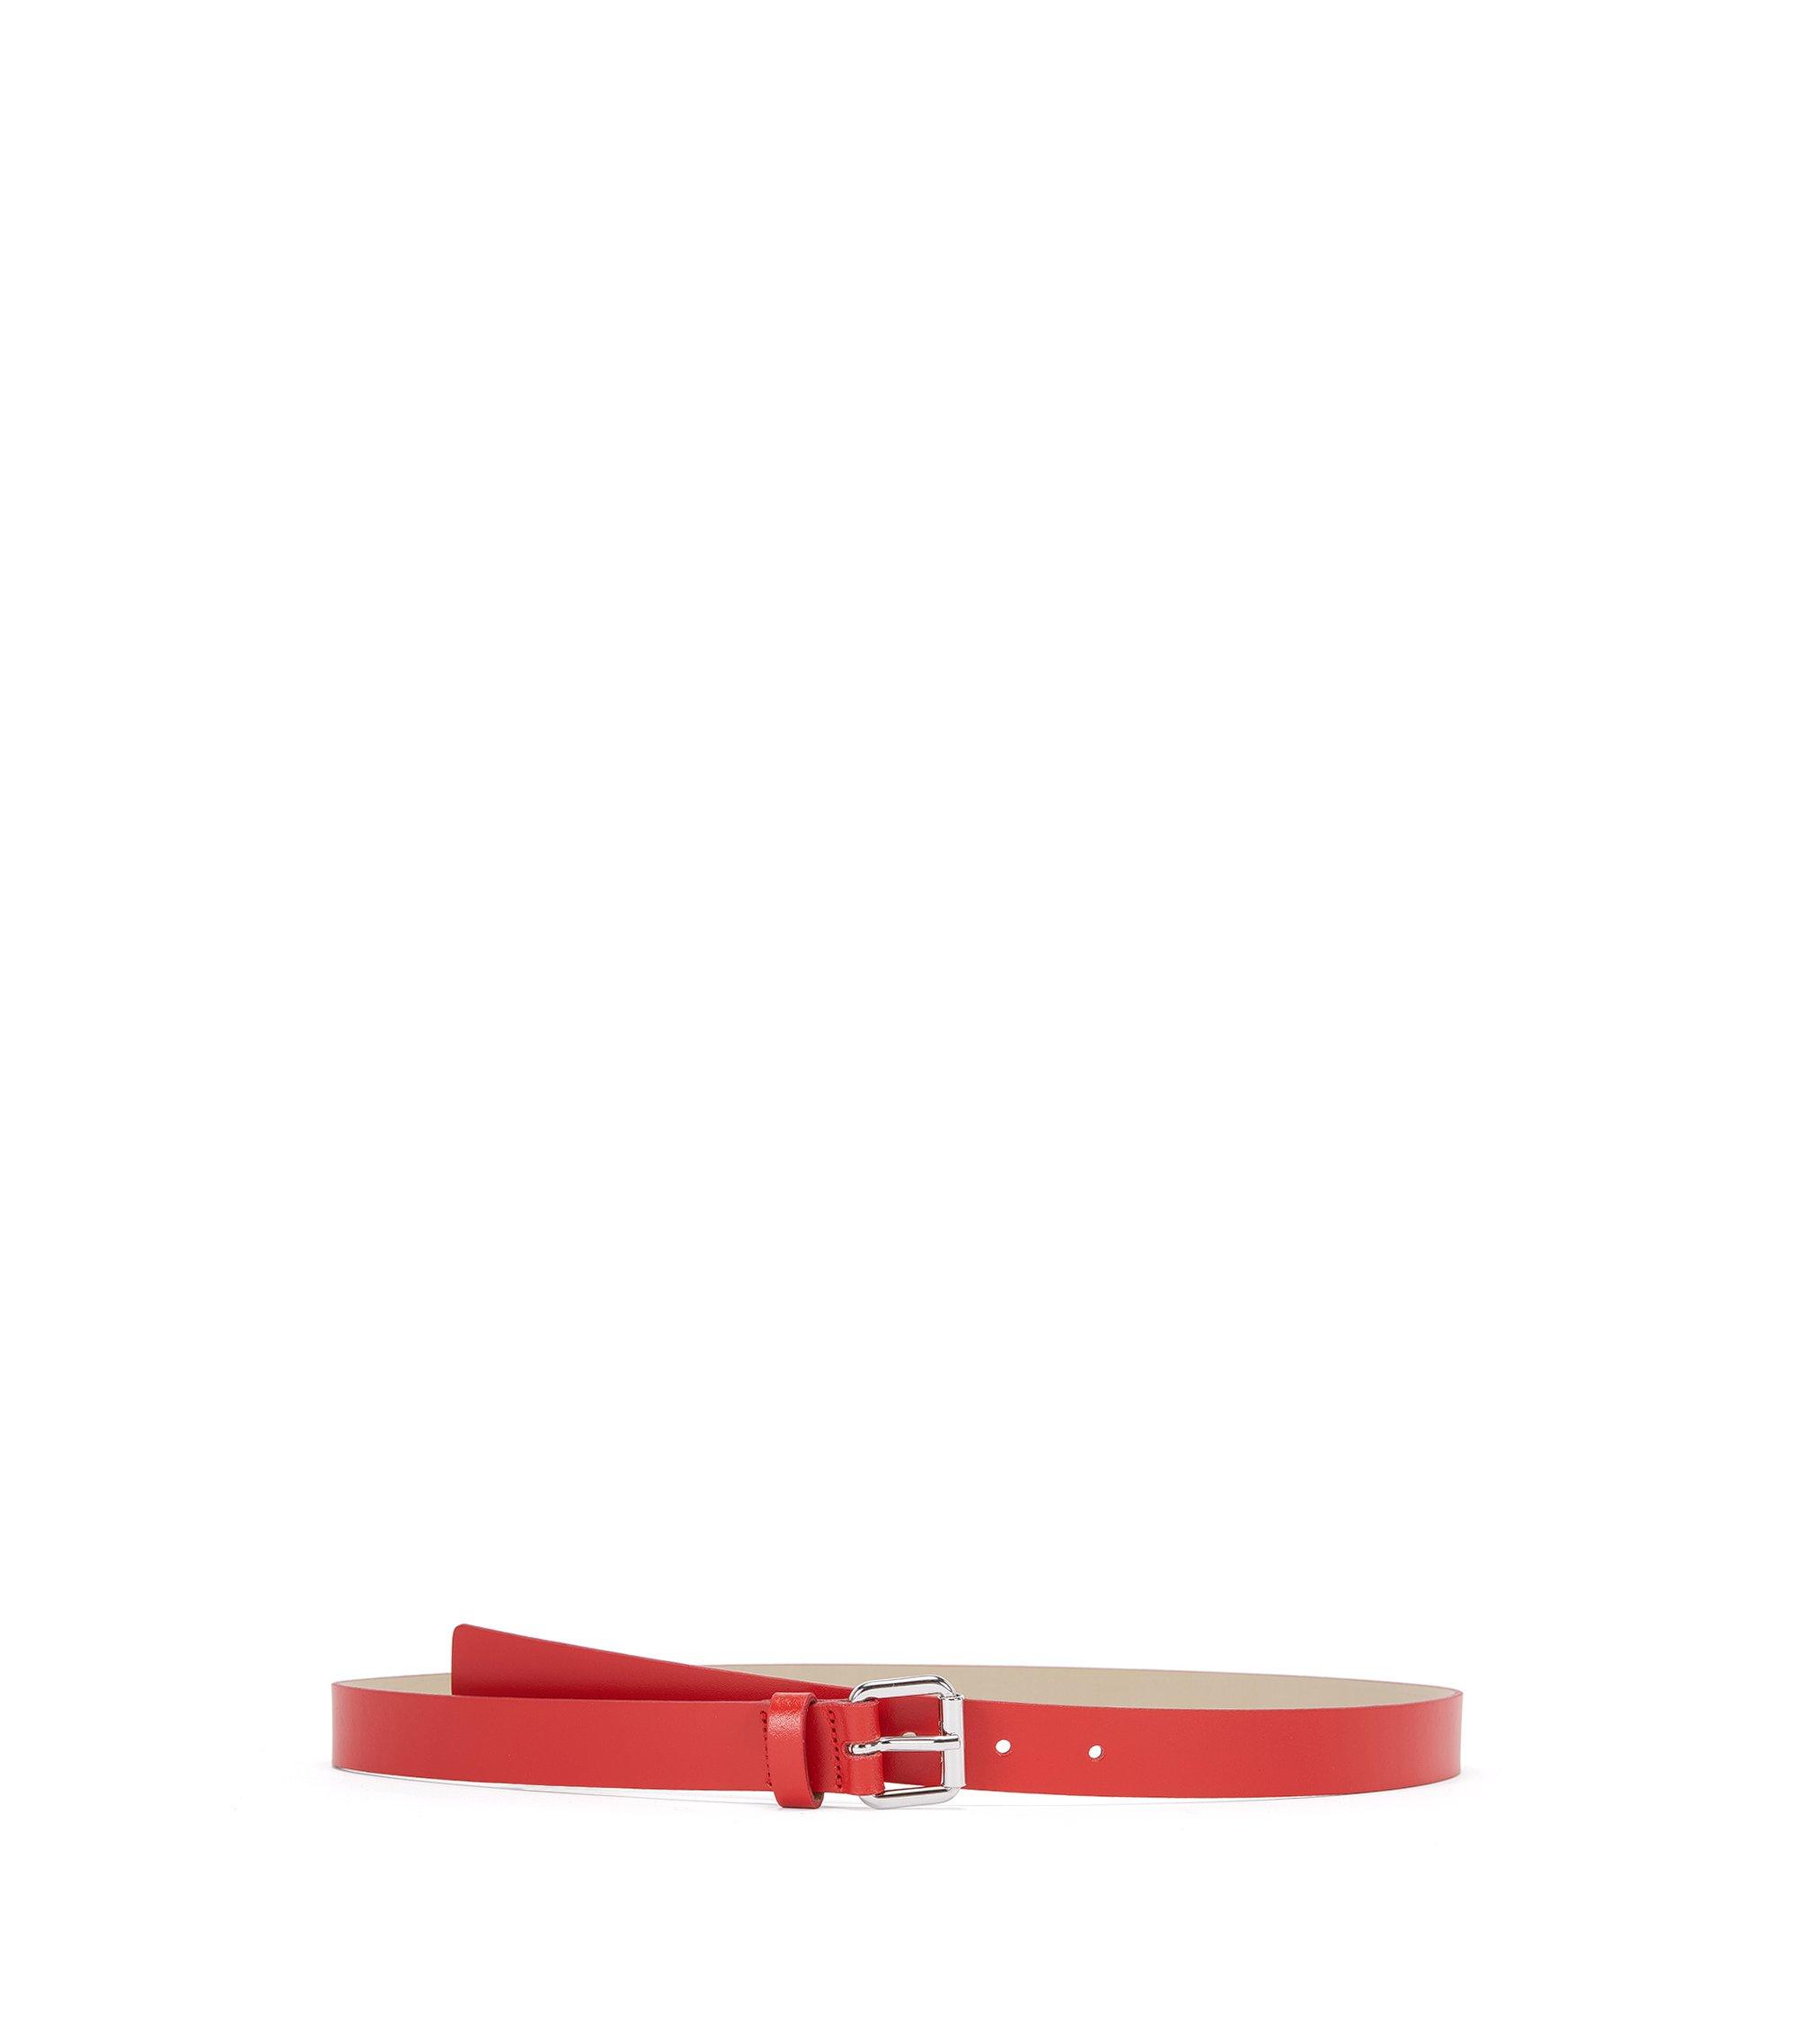 Cintura realizzata in Italia in pelle liscia, Rosso